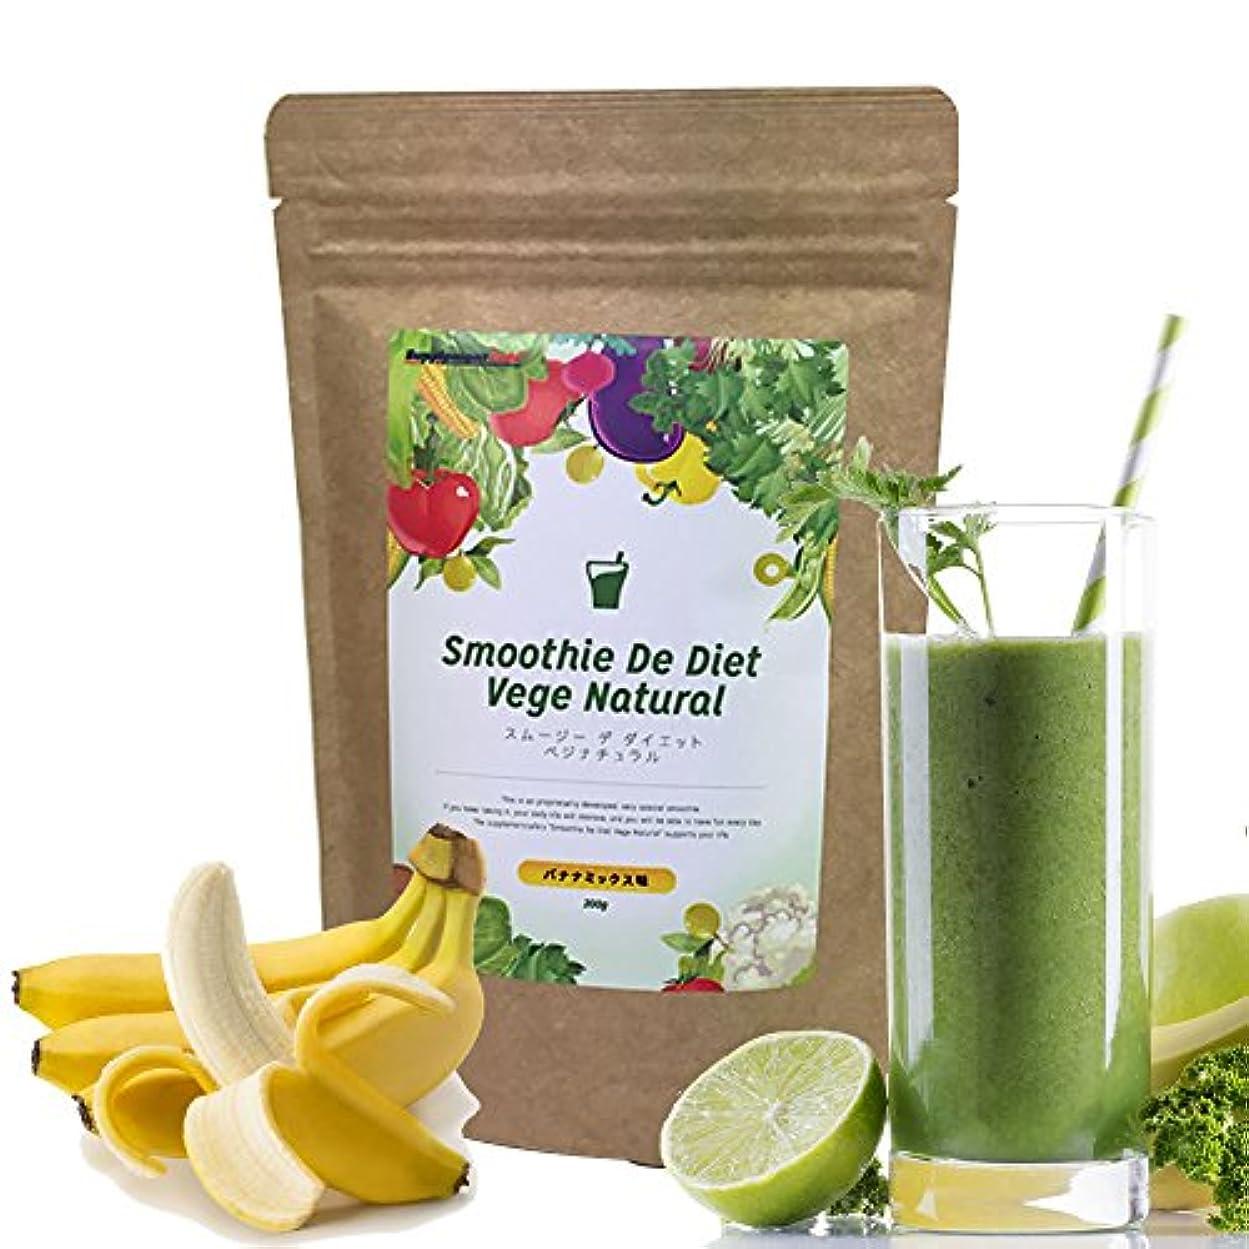 疑問を超えて嫉妬心からスムージーデダイエットべジナチュラル 野菜酵素352種MIX グリーンスムージー (バナナミックス)